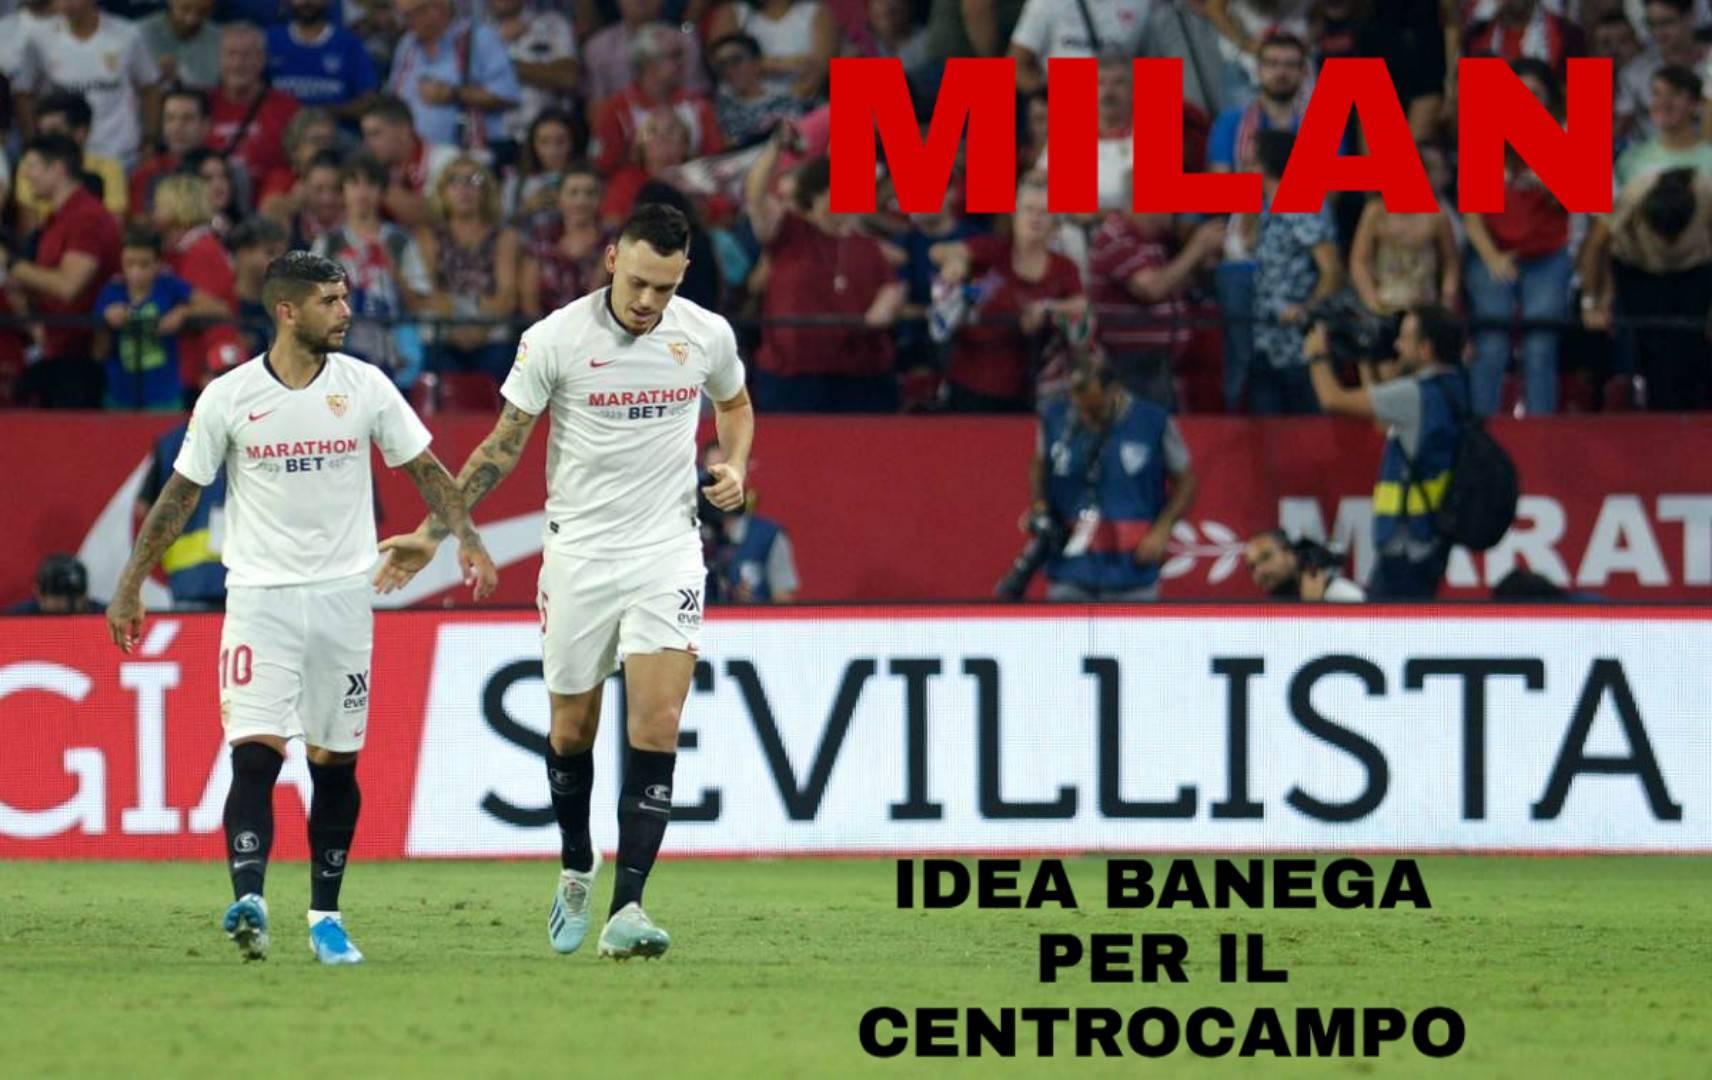 Milan Banega